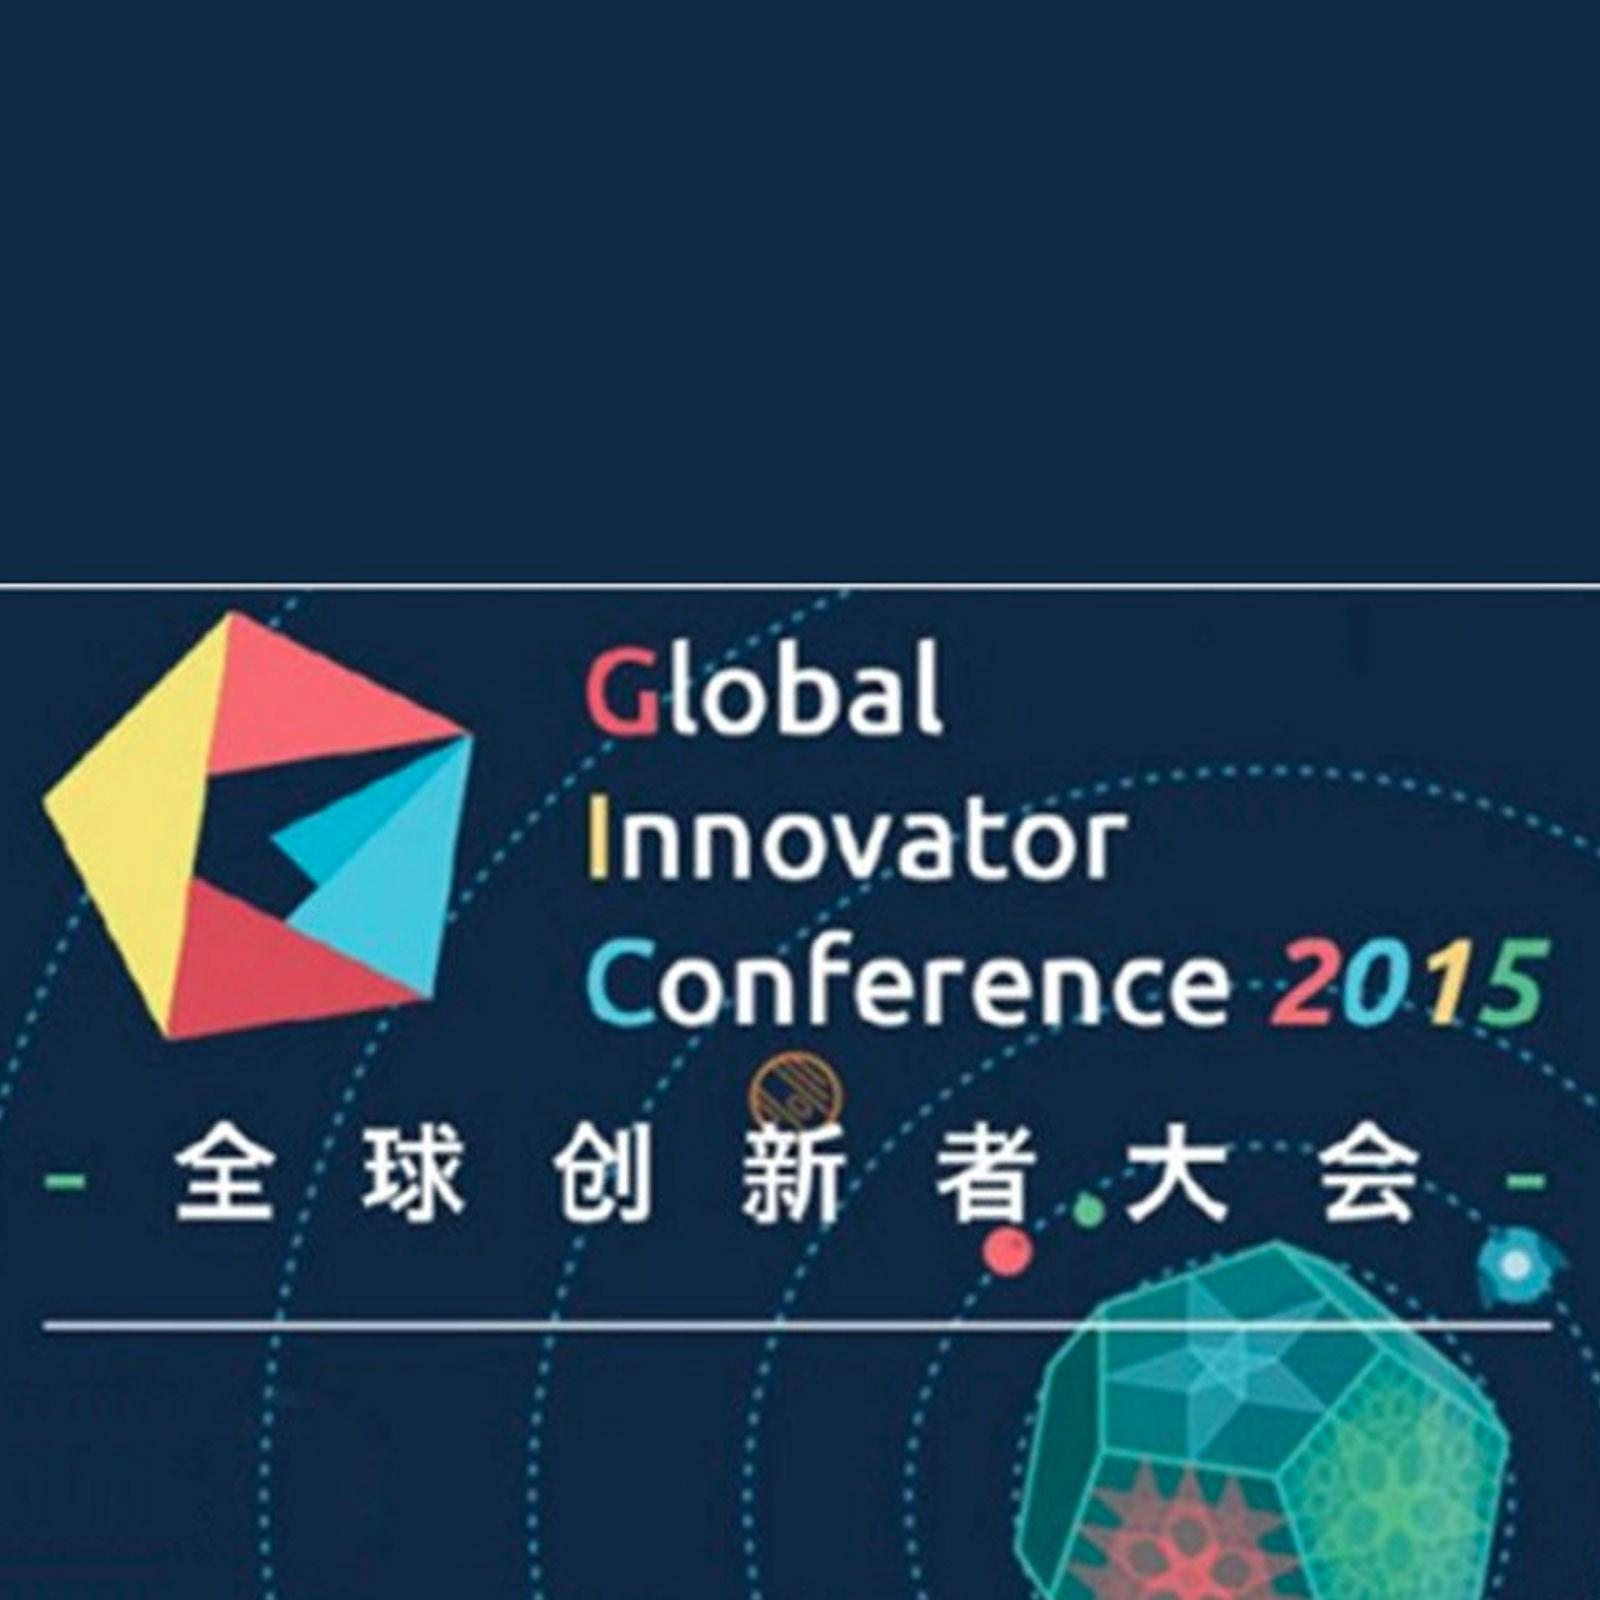 2015全球创新者大会